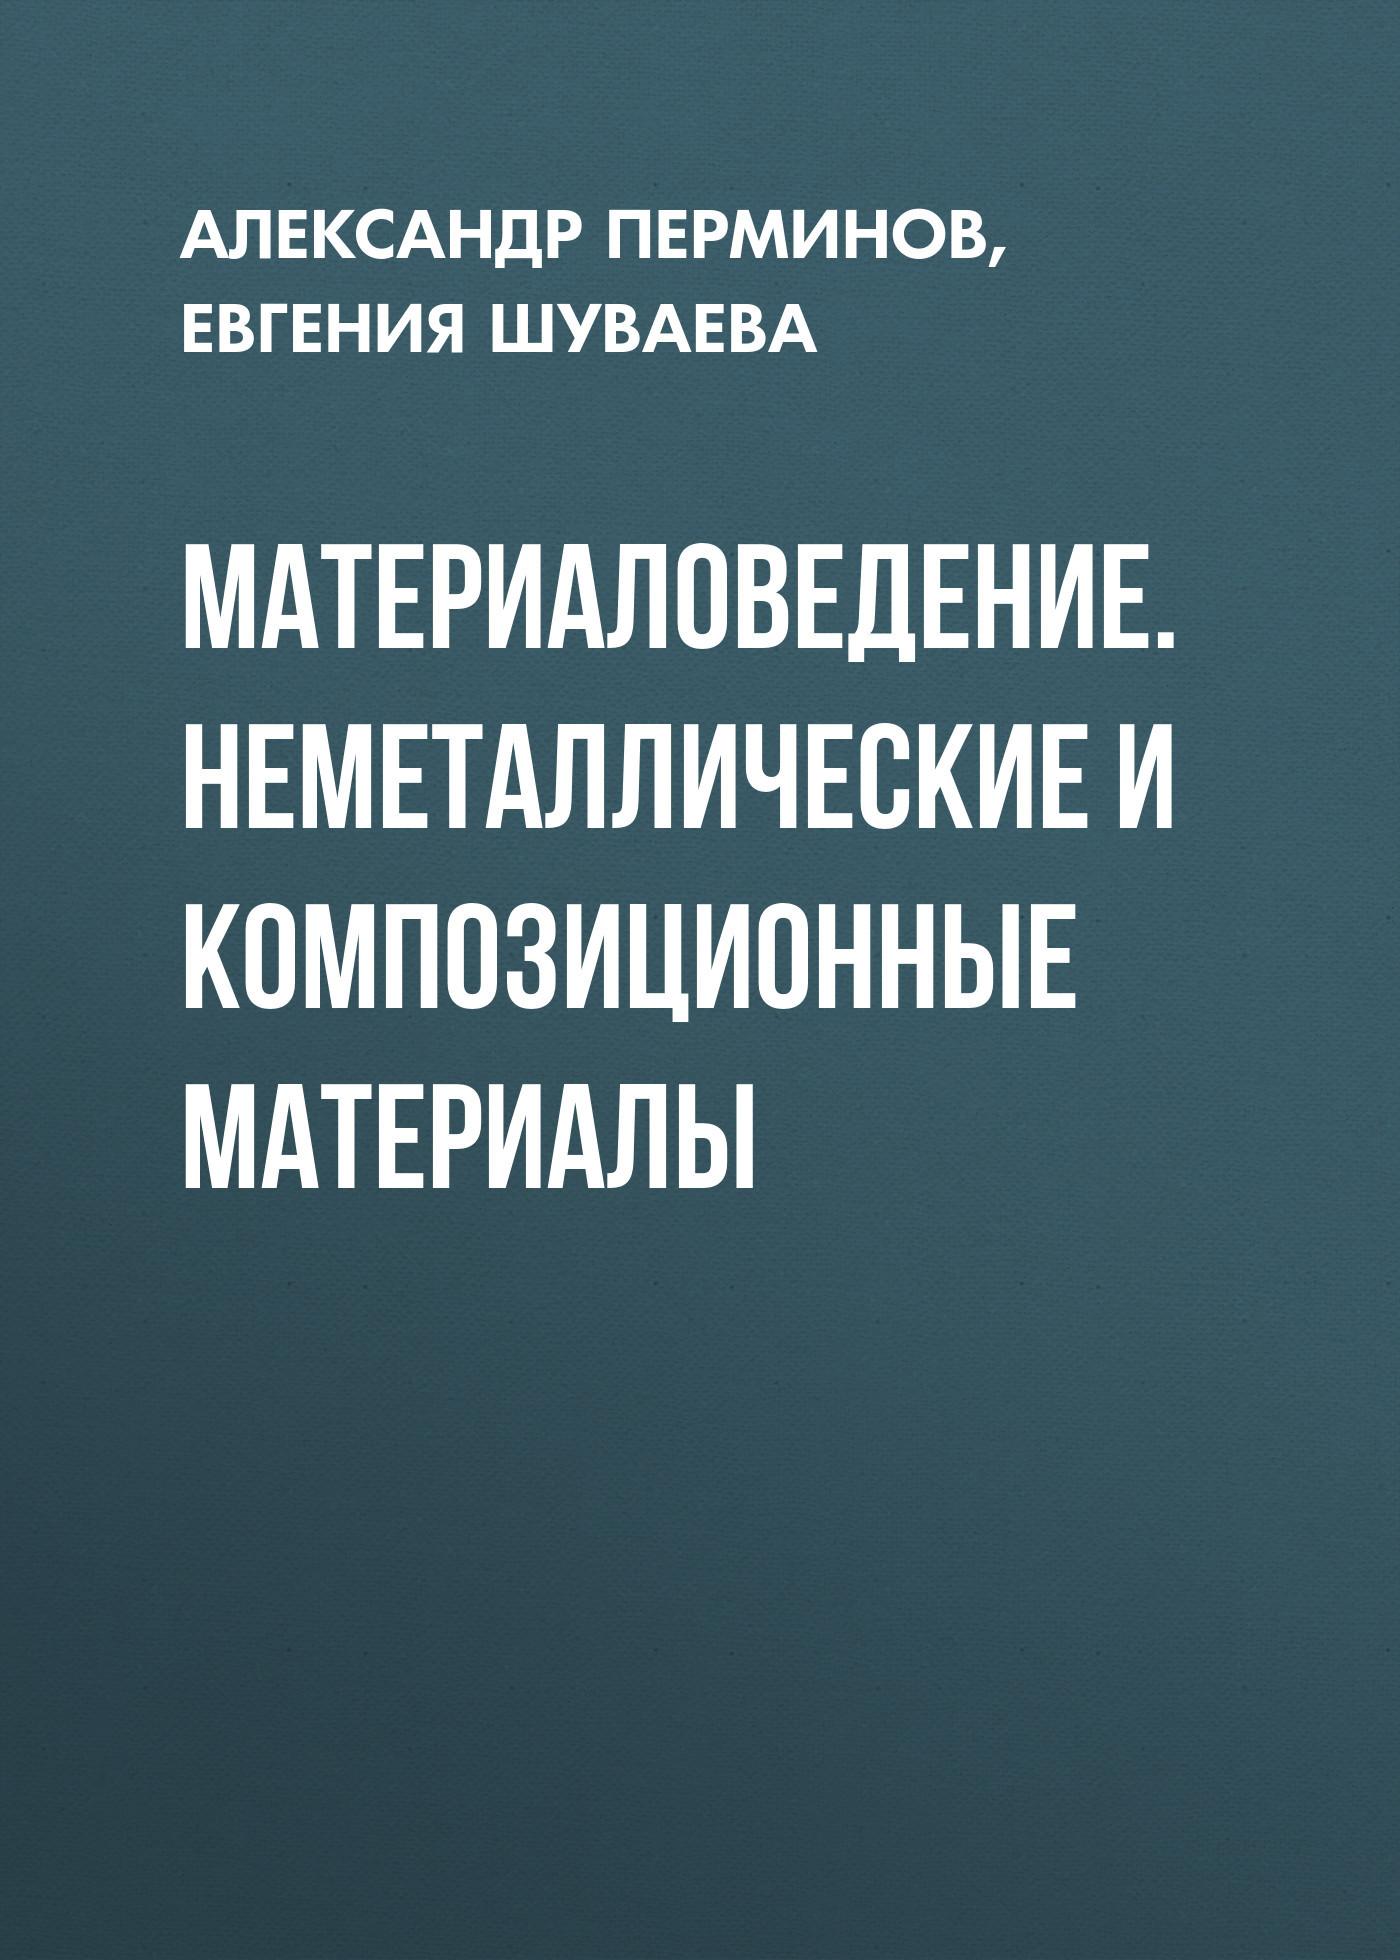 Евгения Шуваева Материаловедение. Неметаллические и композиционные материалы материаловедение и технология металлов